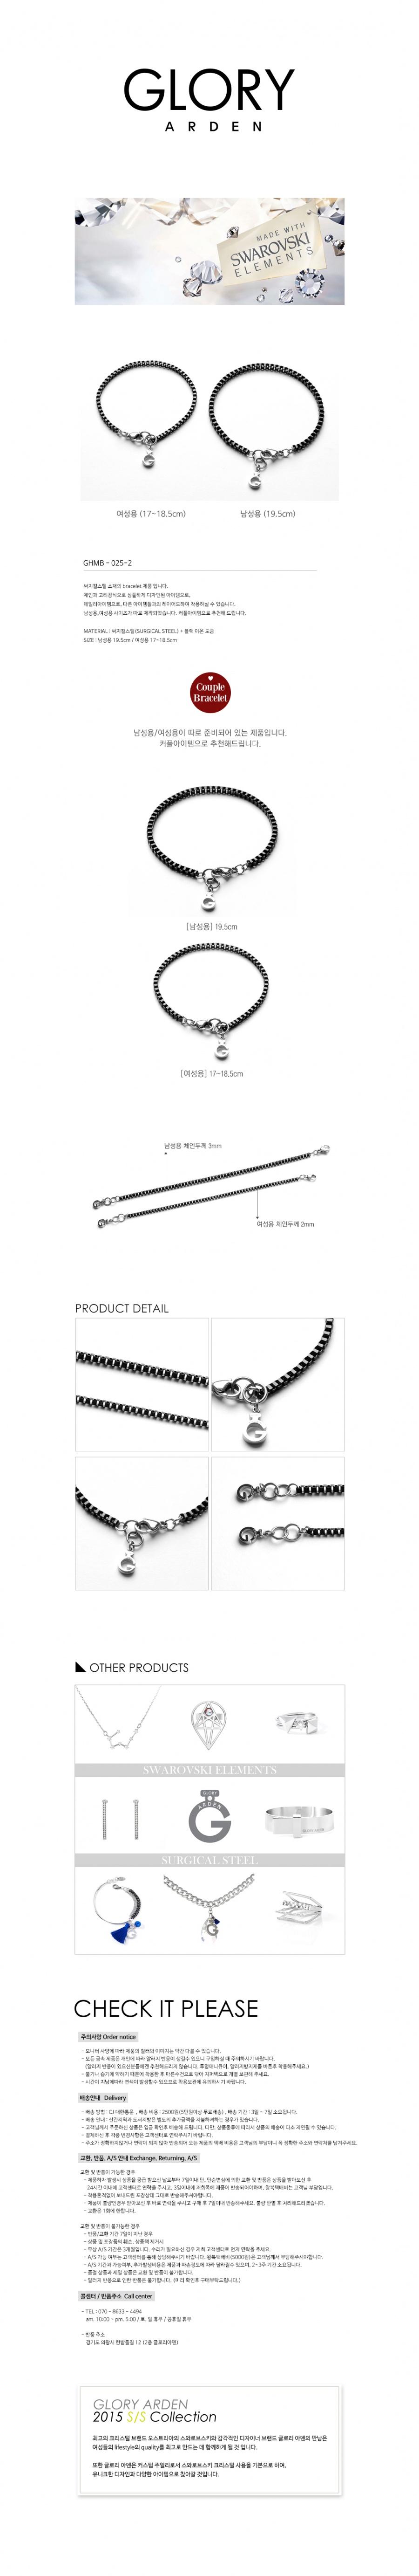 글로리아덴(GLORY_ARDEN) 커플팔찌 추천 블랙 써지컬스틸 로고 팔찌